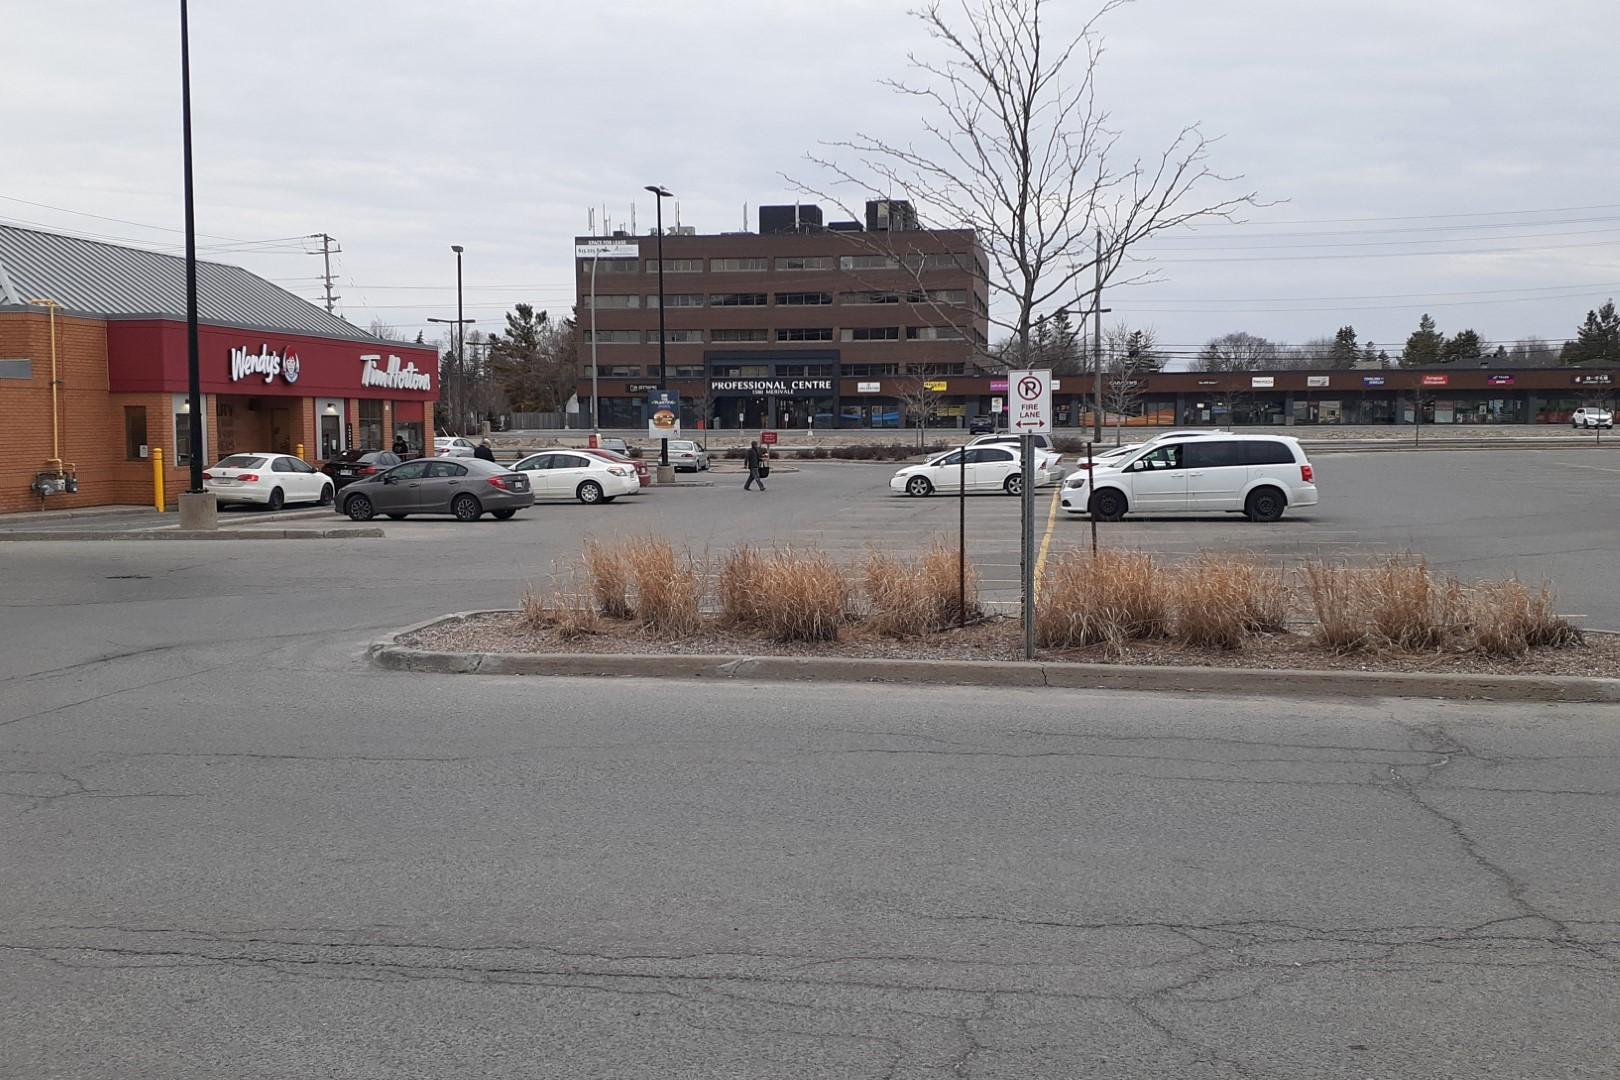 Tim Hortons drive-through, Merivale Road, Ottawa, April 2020